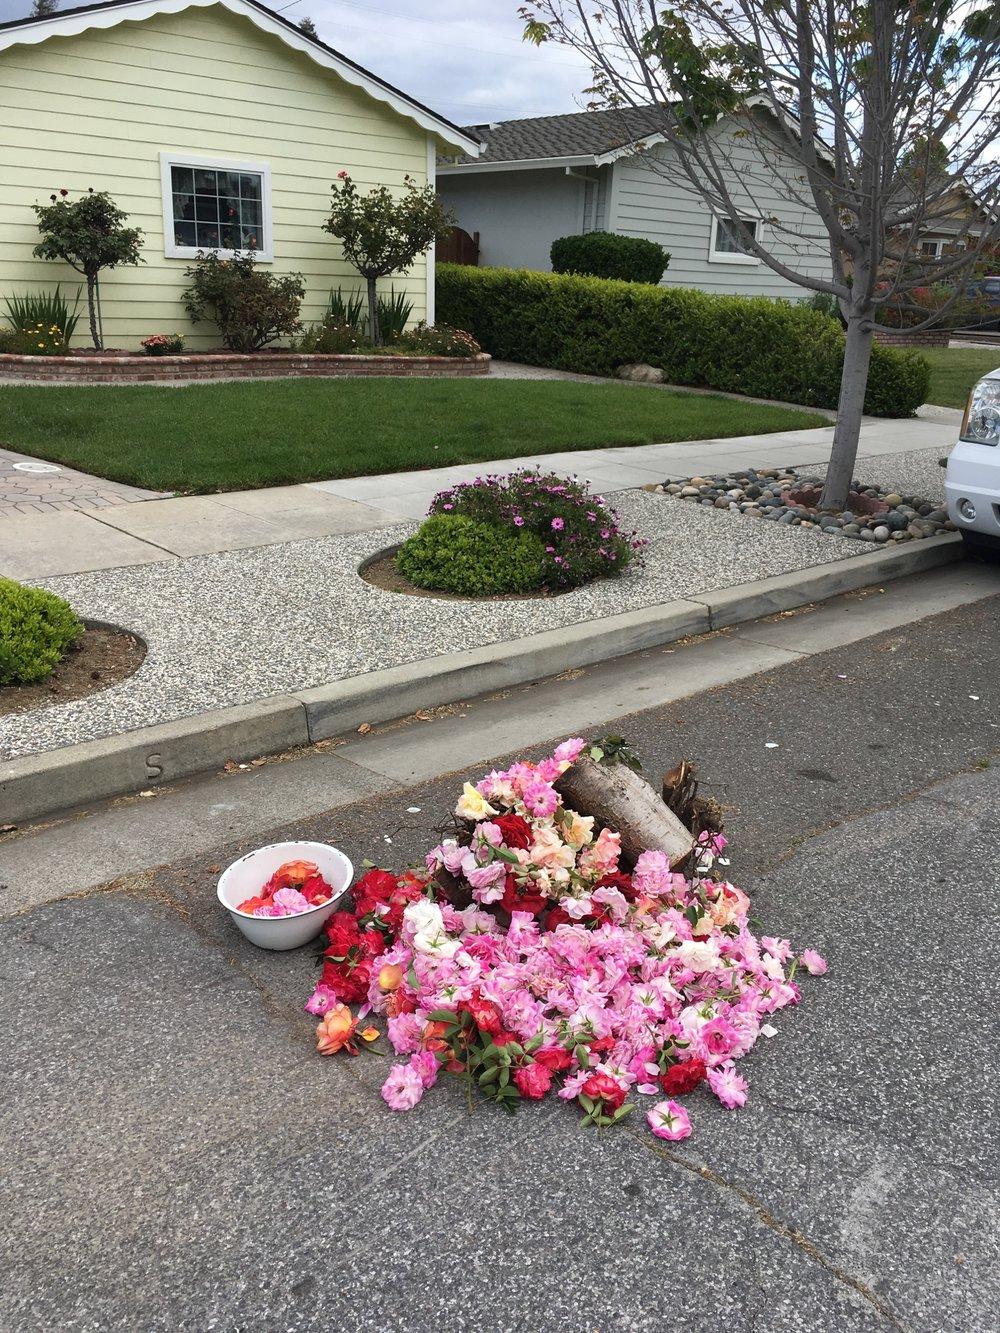 yard waste pile W. San Jose